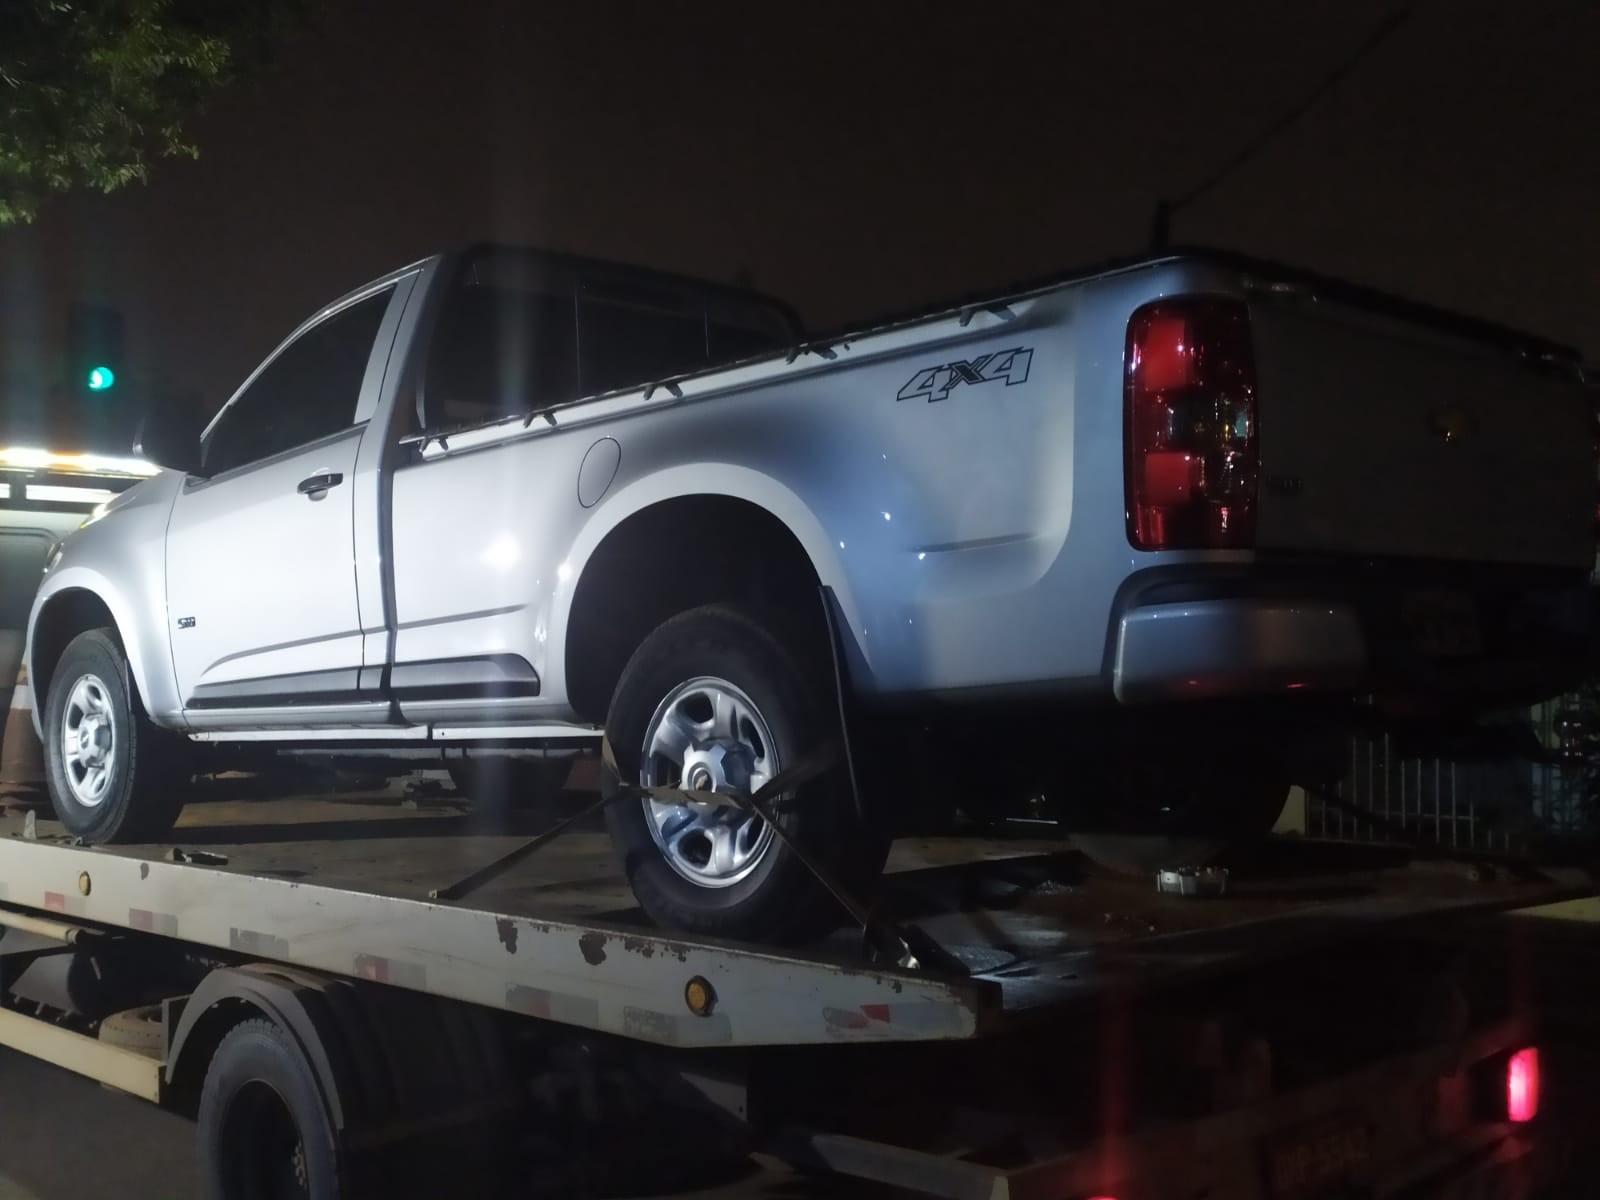 Bandidos abordam motorista de caminhonete e mantêm vítima refém por horas em Rio Branco